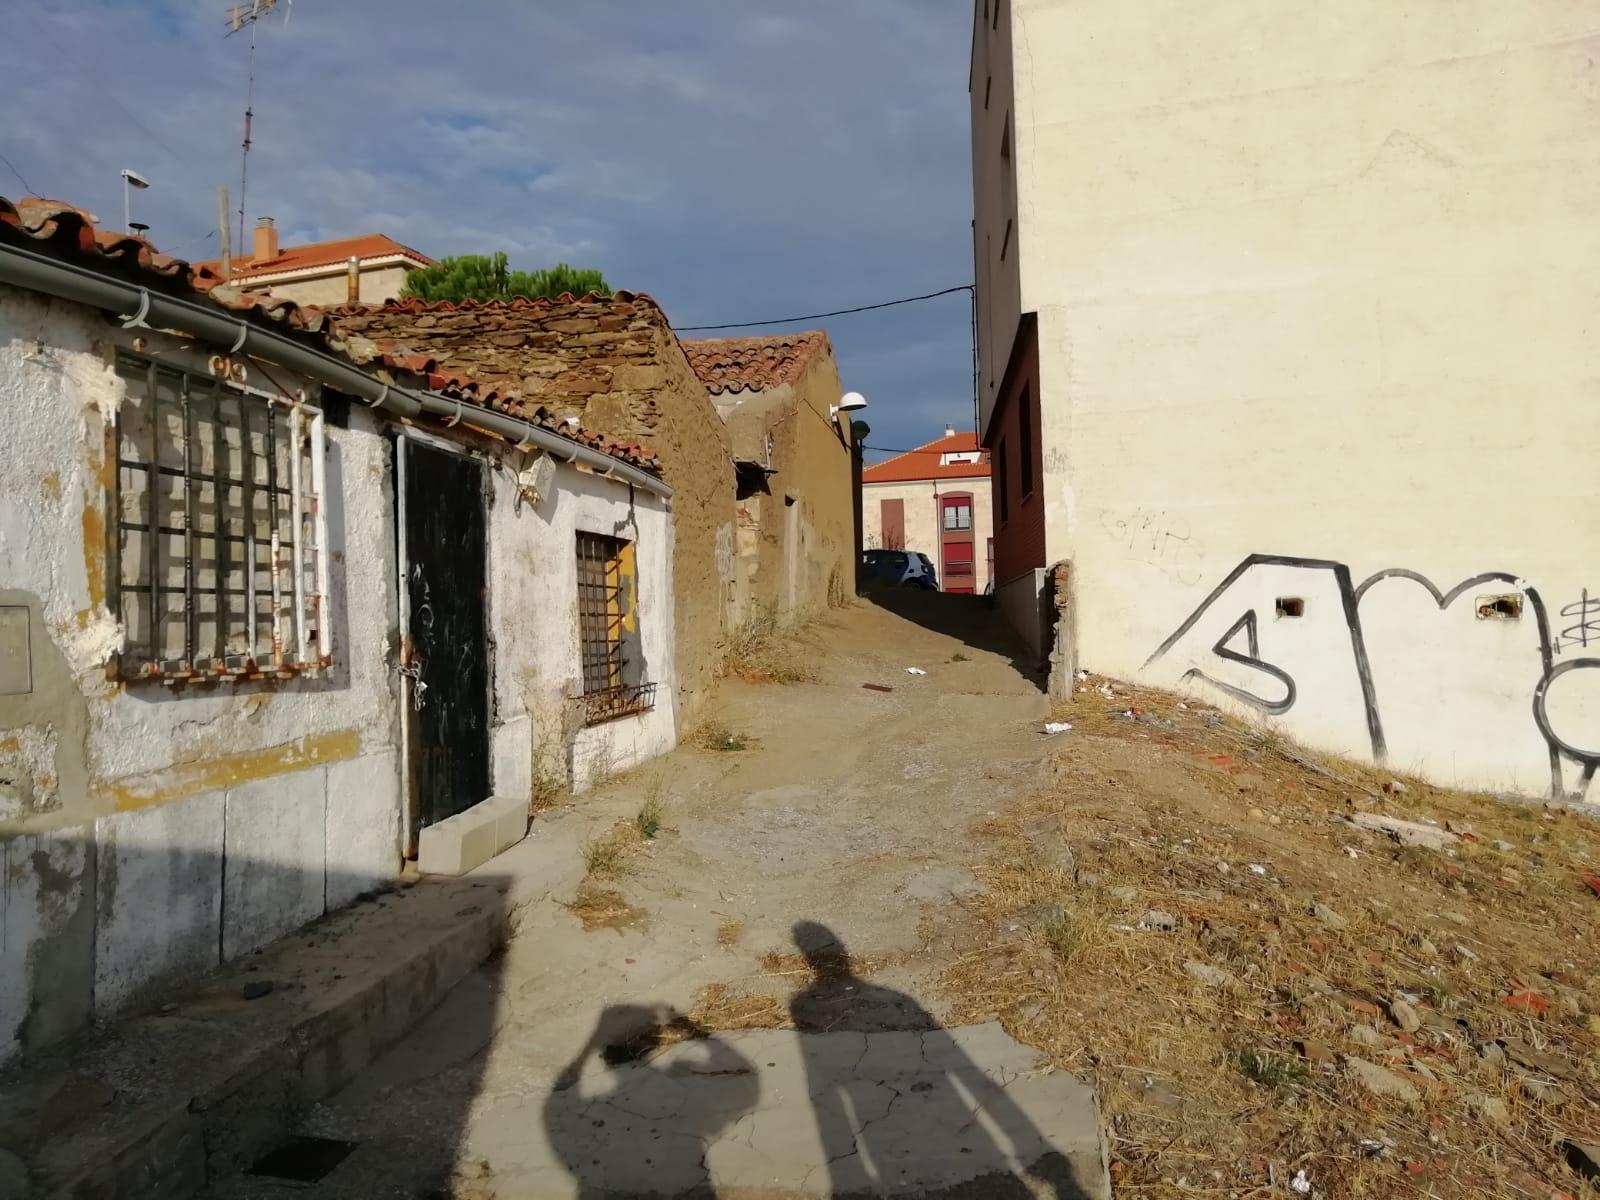 CASA PARA DERRUIR EN ZONA CEMENTERIO (REF: CORR-1) - foto 4 97eefbd6-5f7b-43ff-af7c-5609b89b18ee.jpg